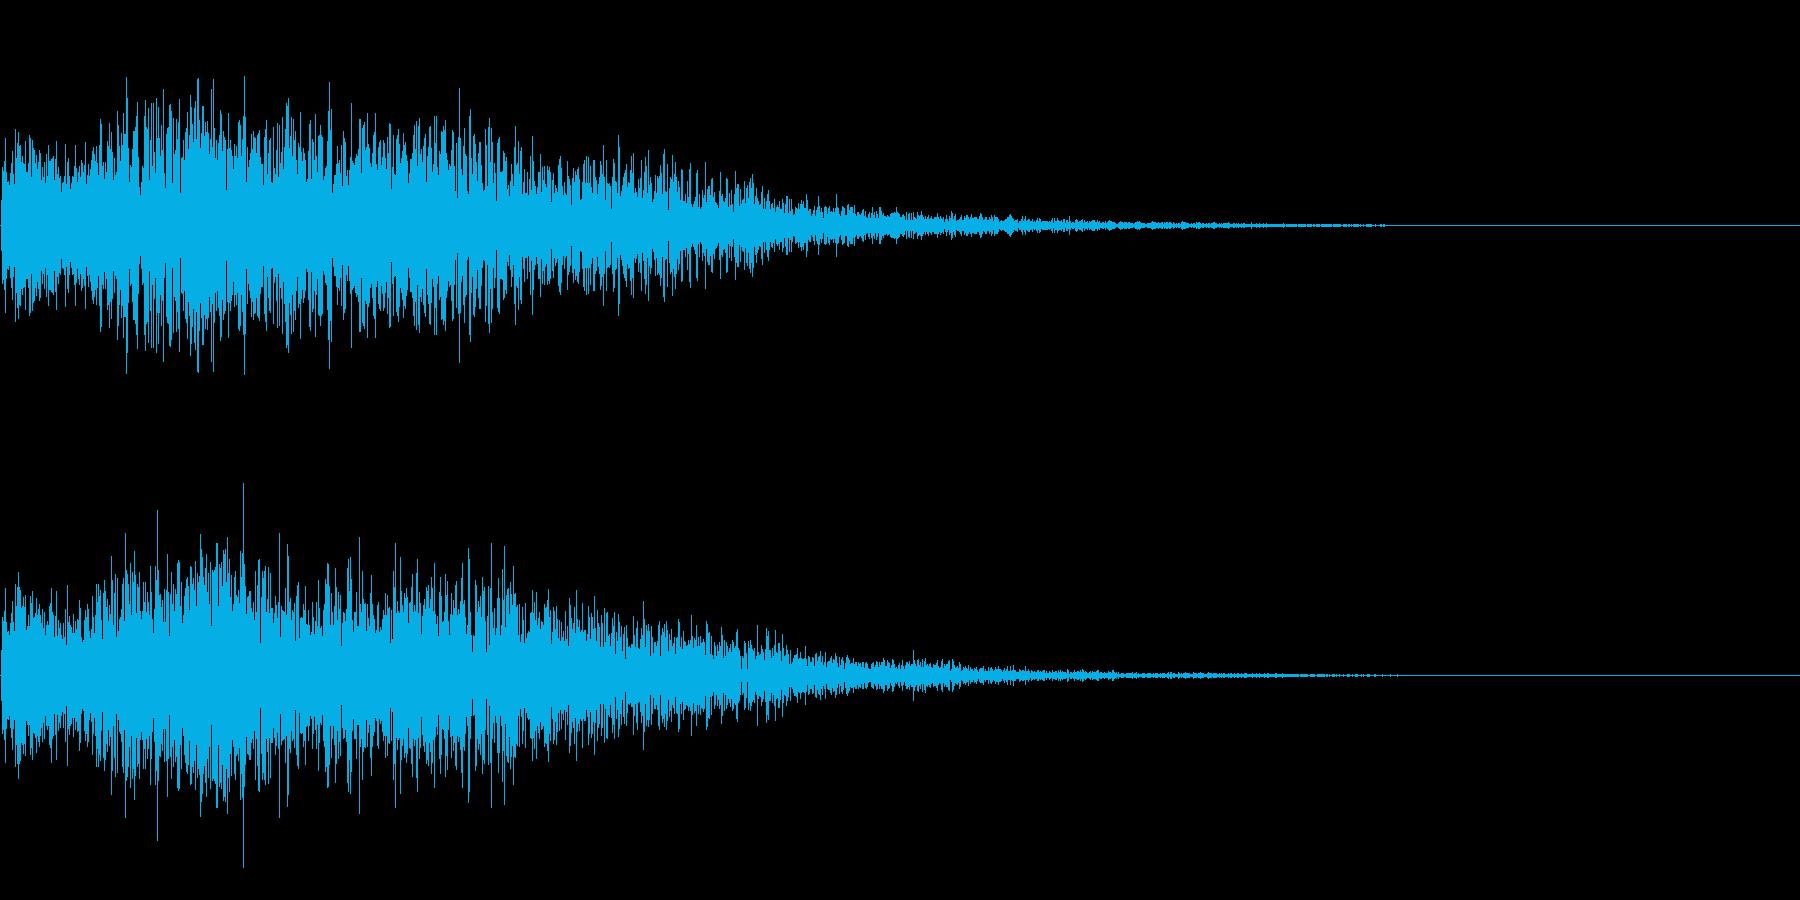 セレクト 選択 決定 ボタン押下音の再生済みの波形